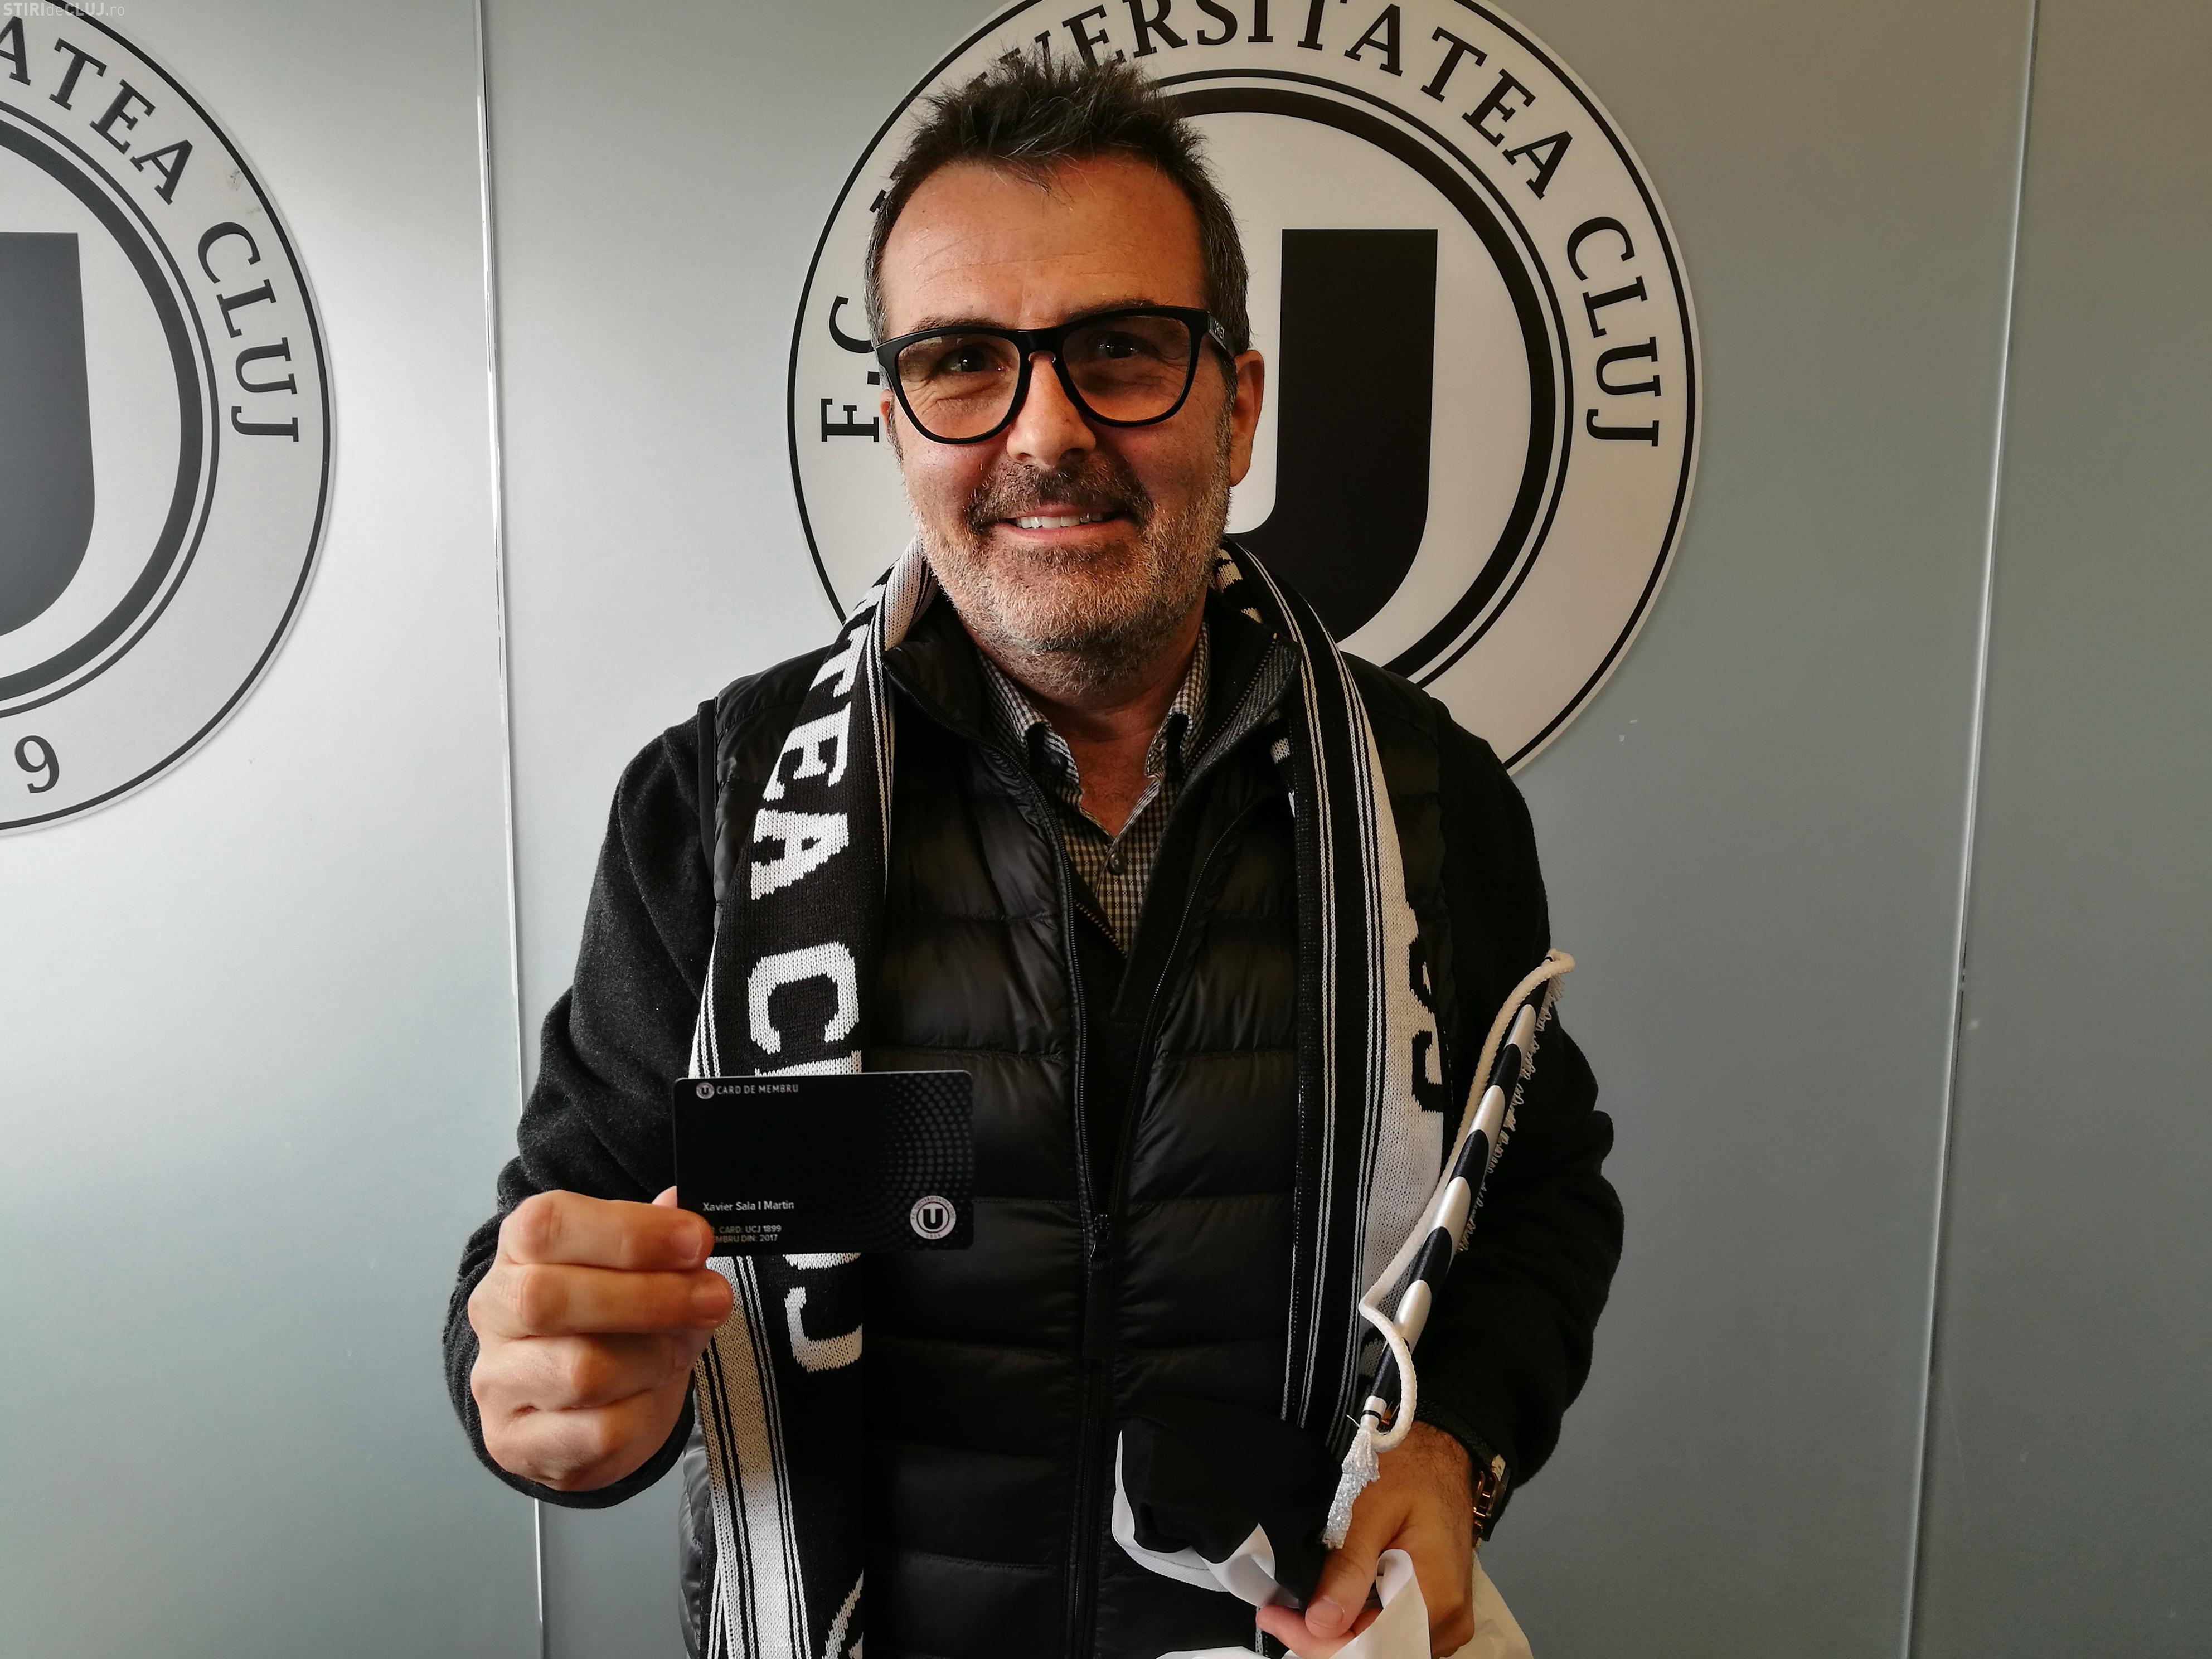 Un fost președinte al FC BARCELONA, în vizită la Universitatea Cluj. A devenit membru al Șepcilor Roșii